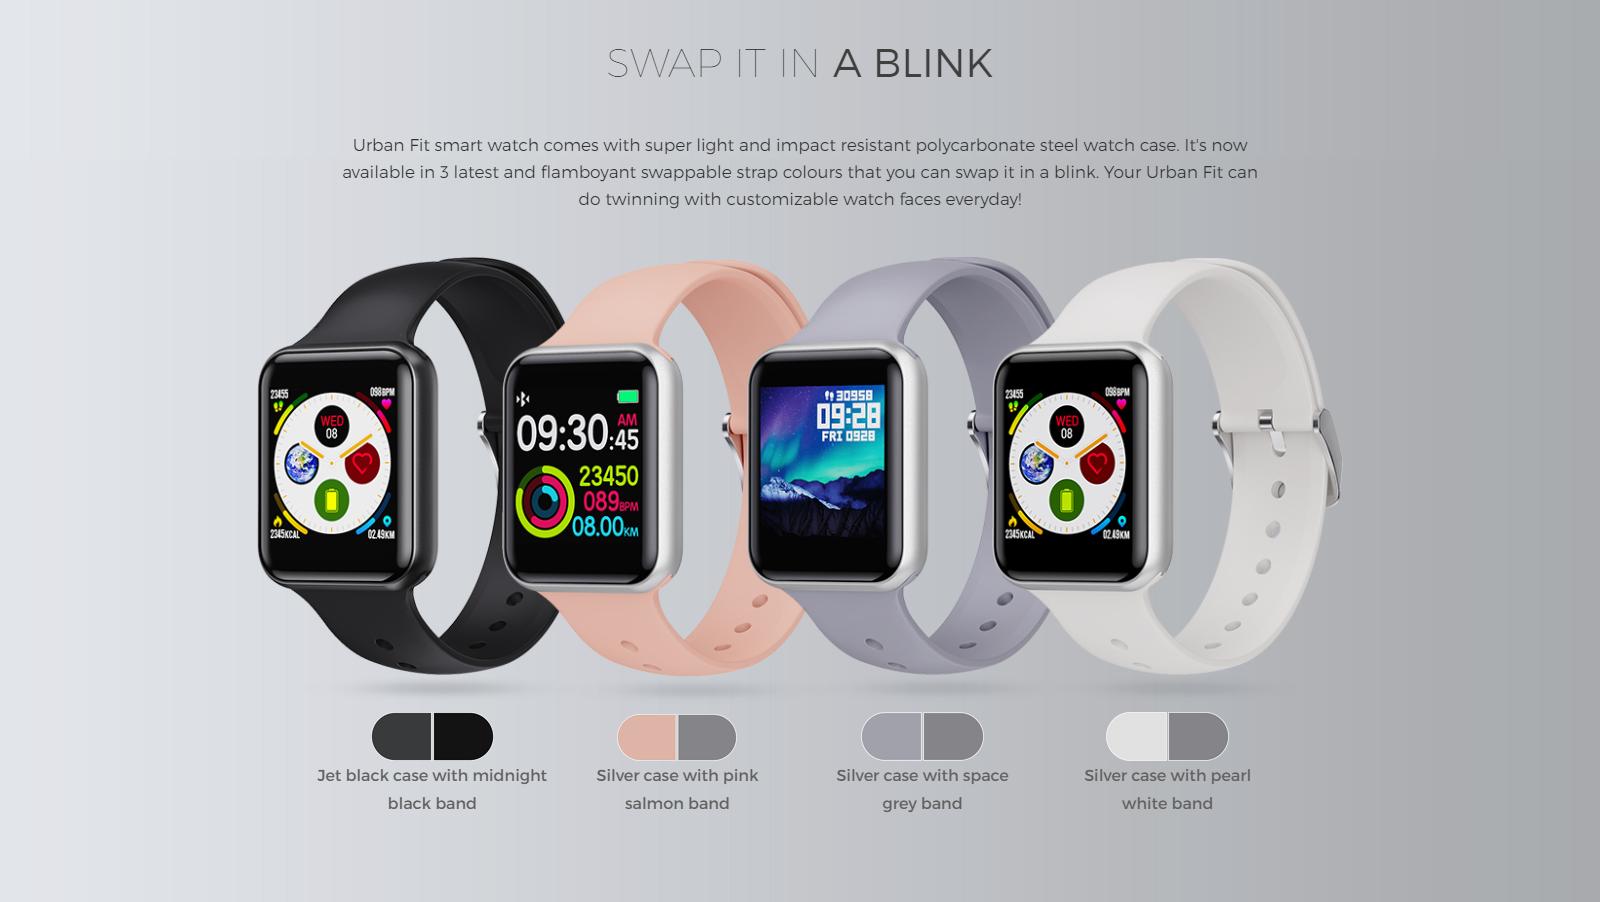 Urban Fit smartwatch